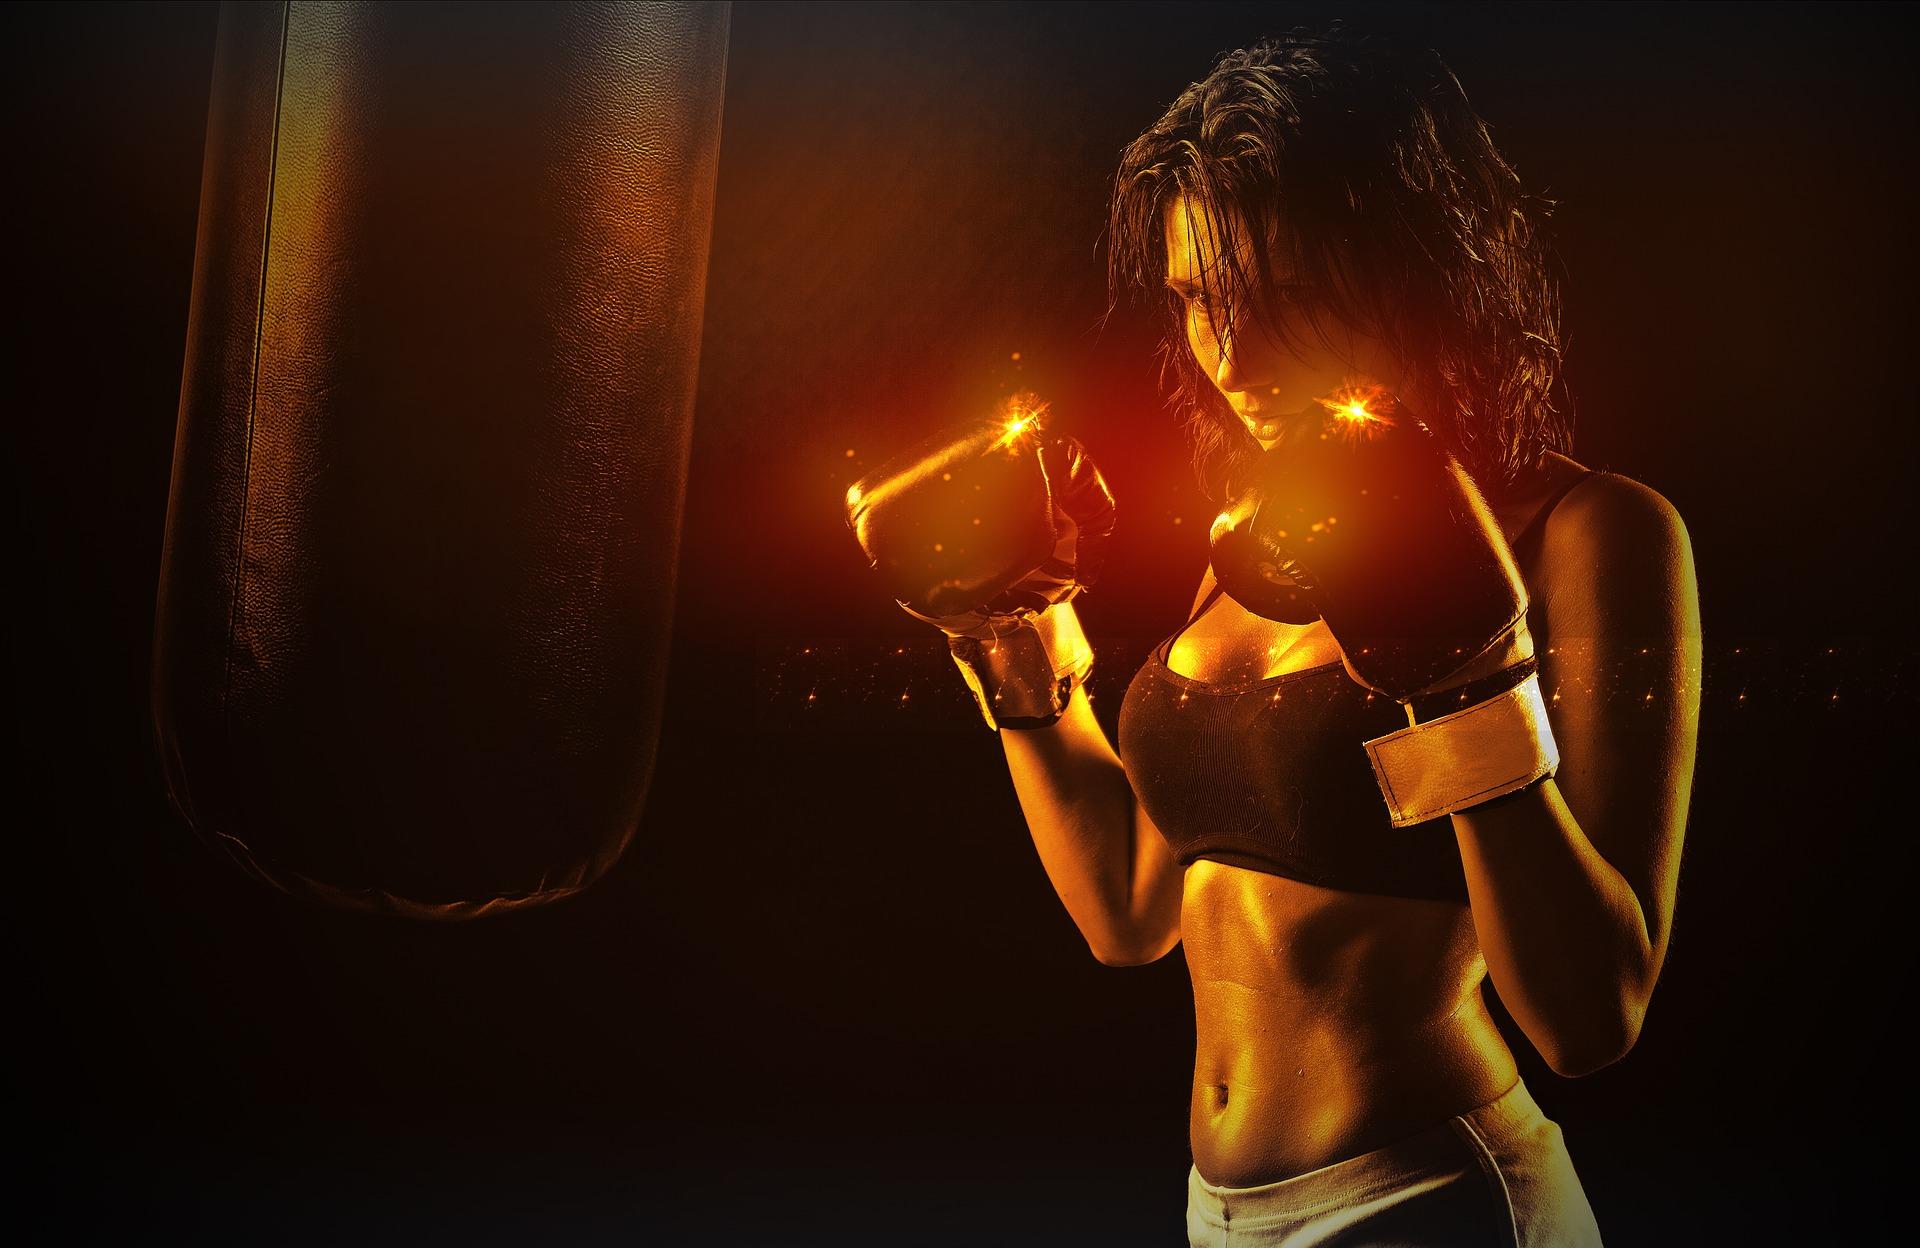 Szybkie i łatwe porady dotyczące budowy mięśni – szybko!